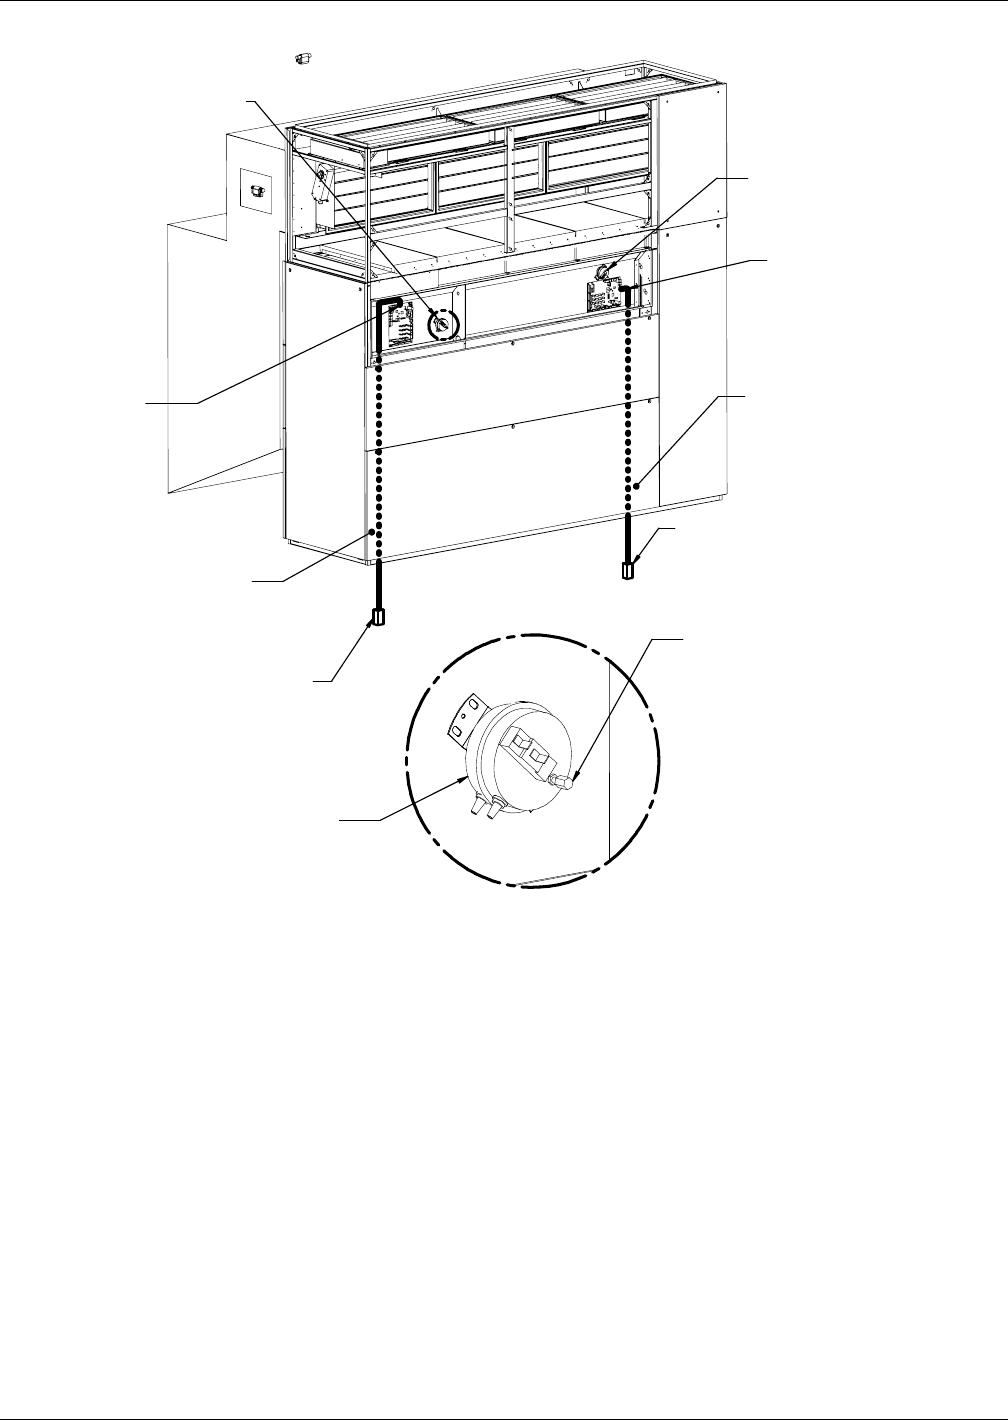 kenworth w900 wiring schematic